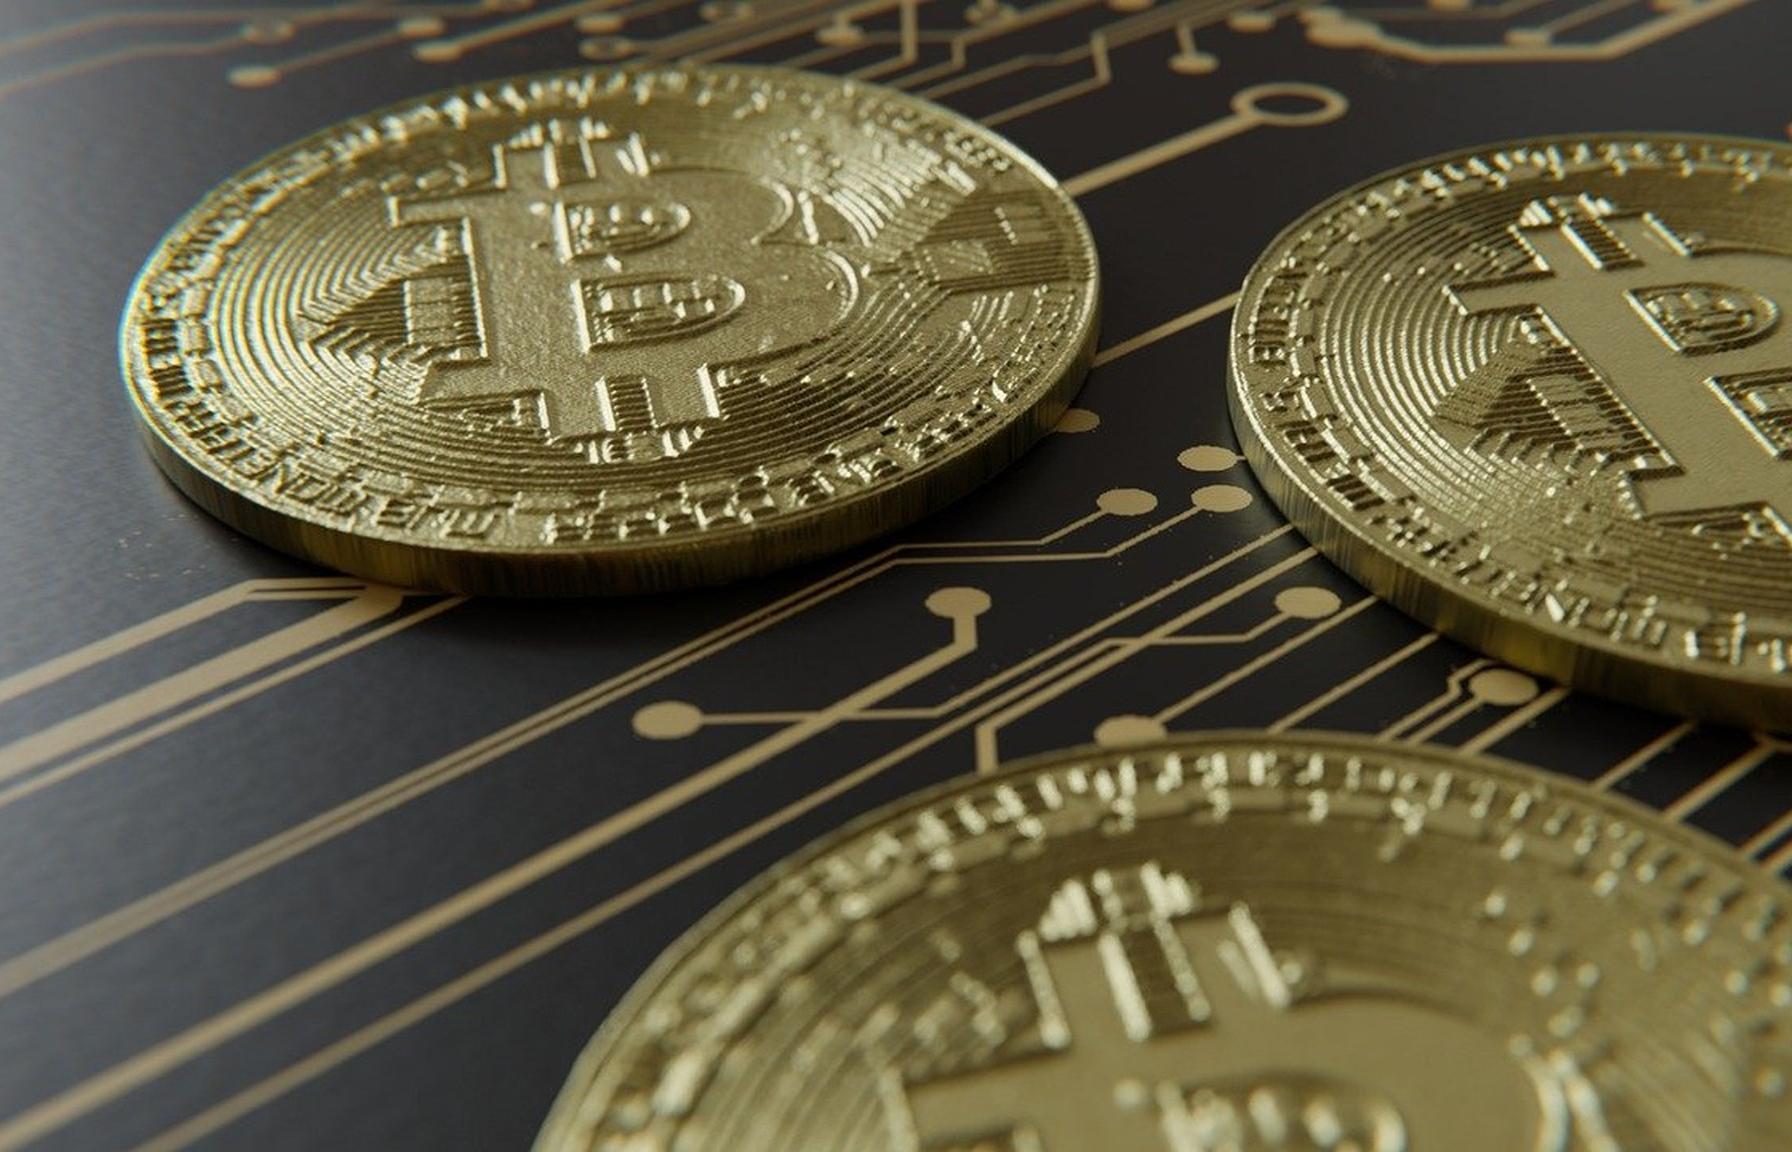 В России крадут оборудование для майнинга криптовалюты